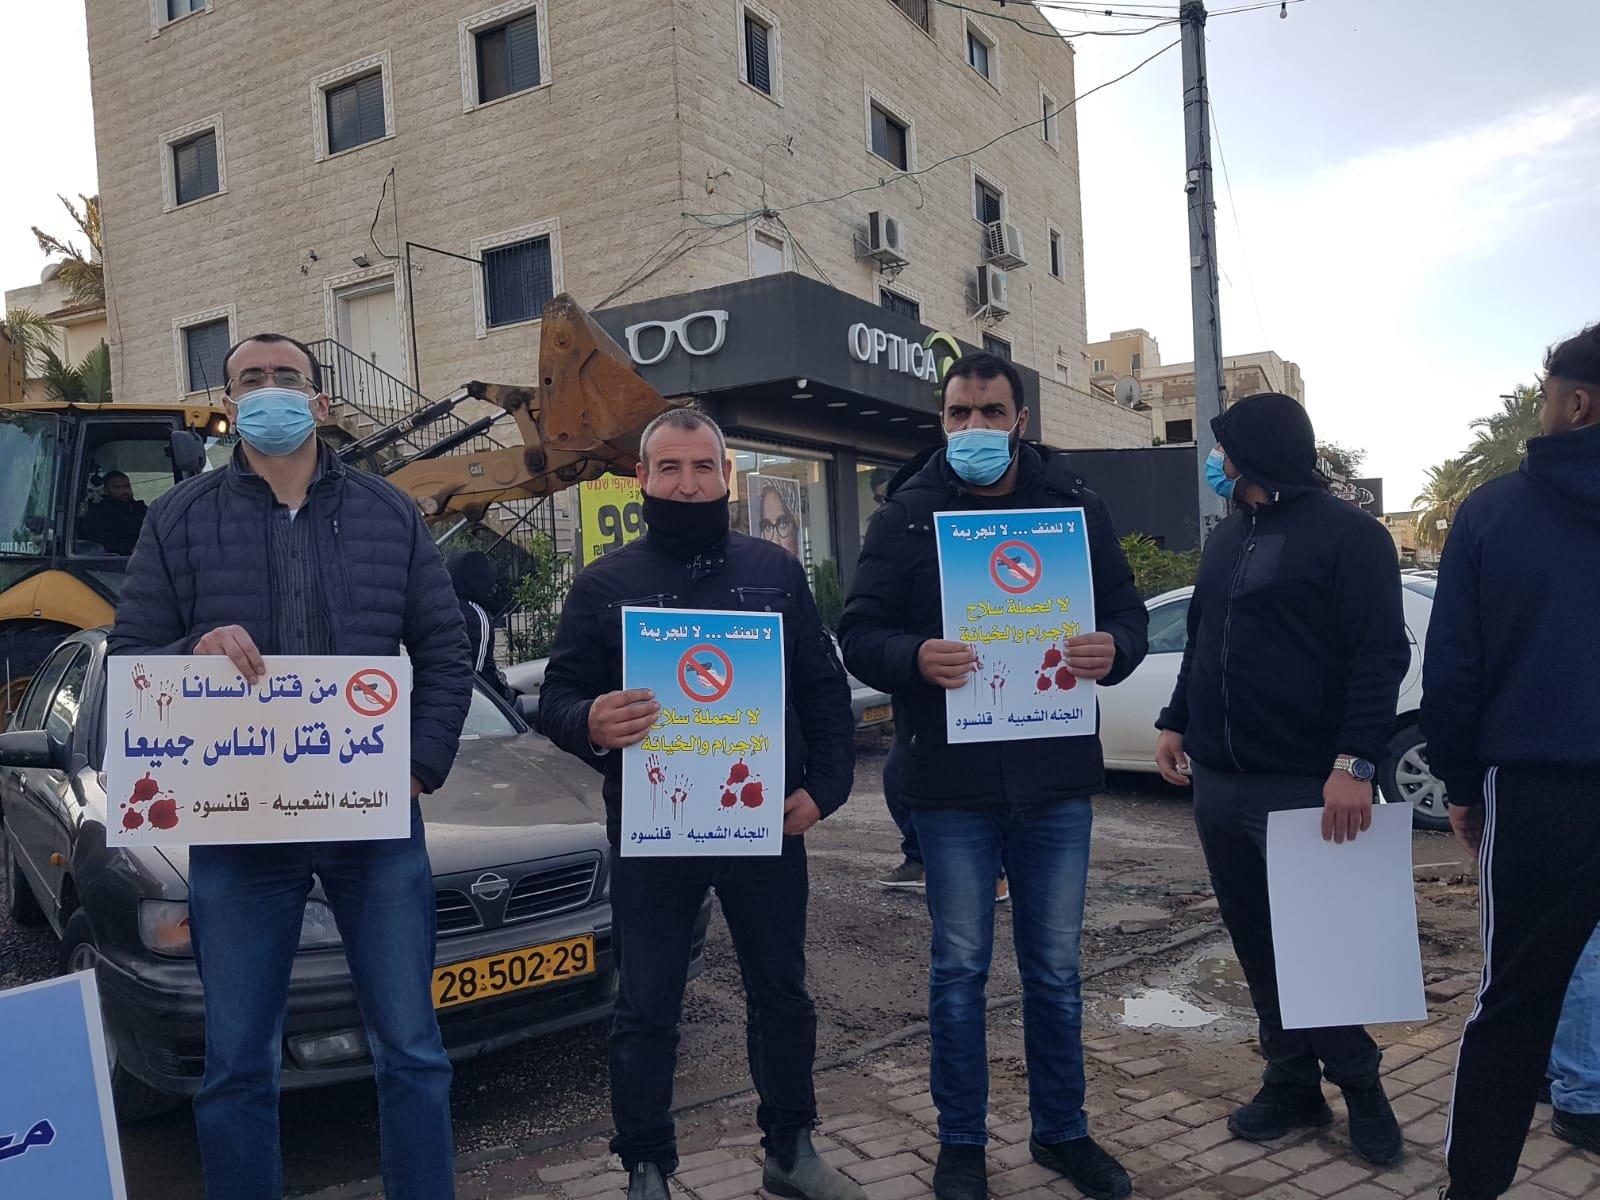 قلنسوة تتظاهر ضد العنف-2